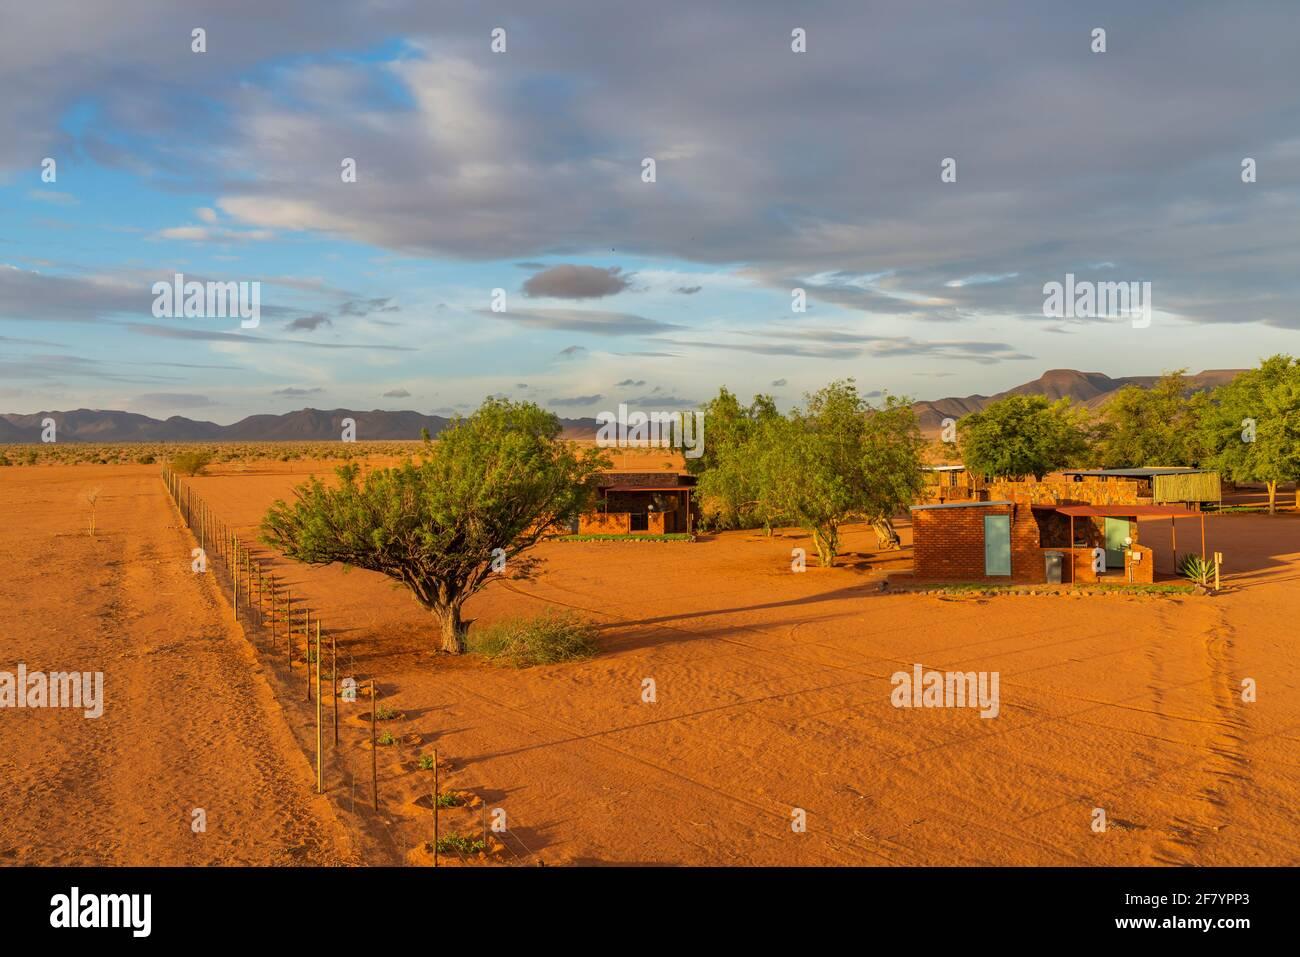 BETTA, NAMIBIE - JANVIER 05.2021: Betta Camping avec les bâtiments dans le désert de Kalahari pendant le coucher du soleil dans le parc national Namib Naukluft, Namibie Banque D'Images